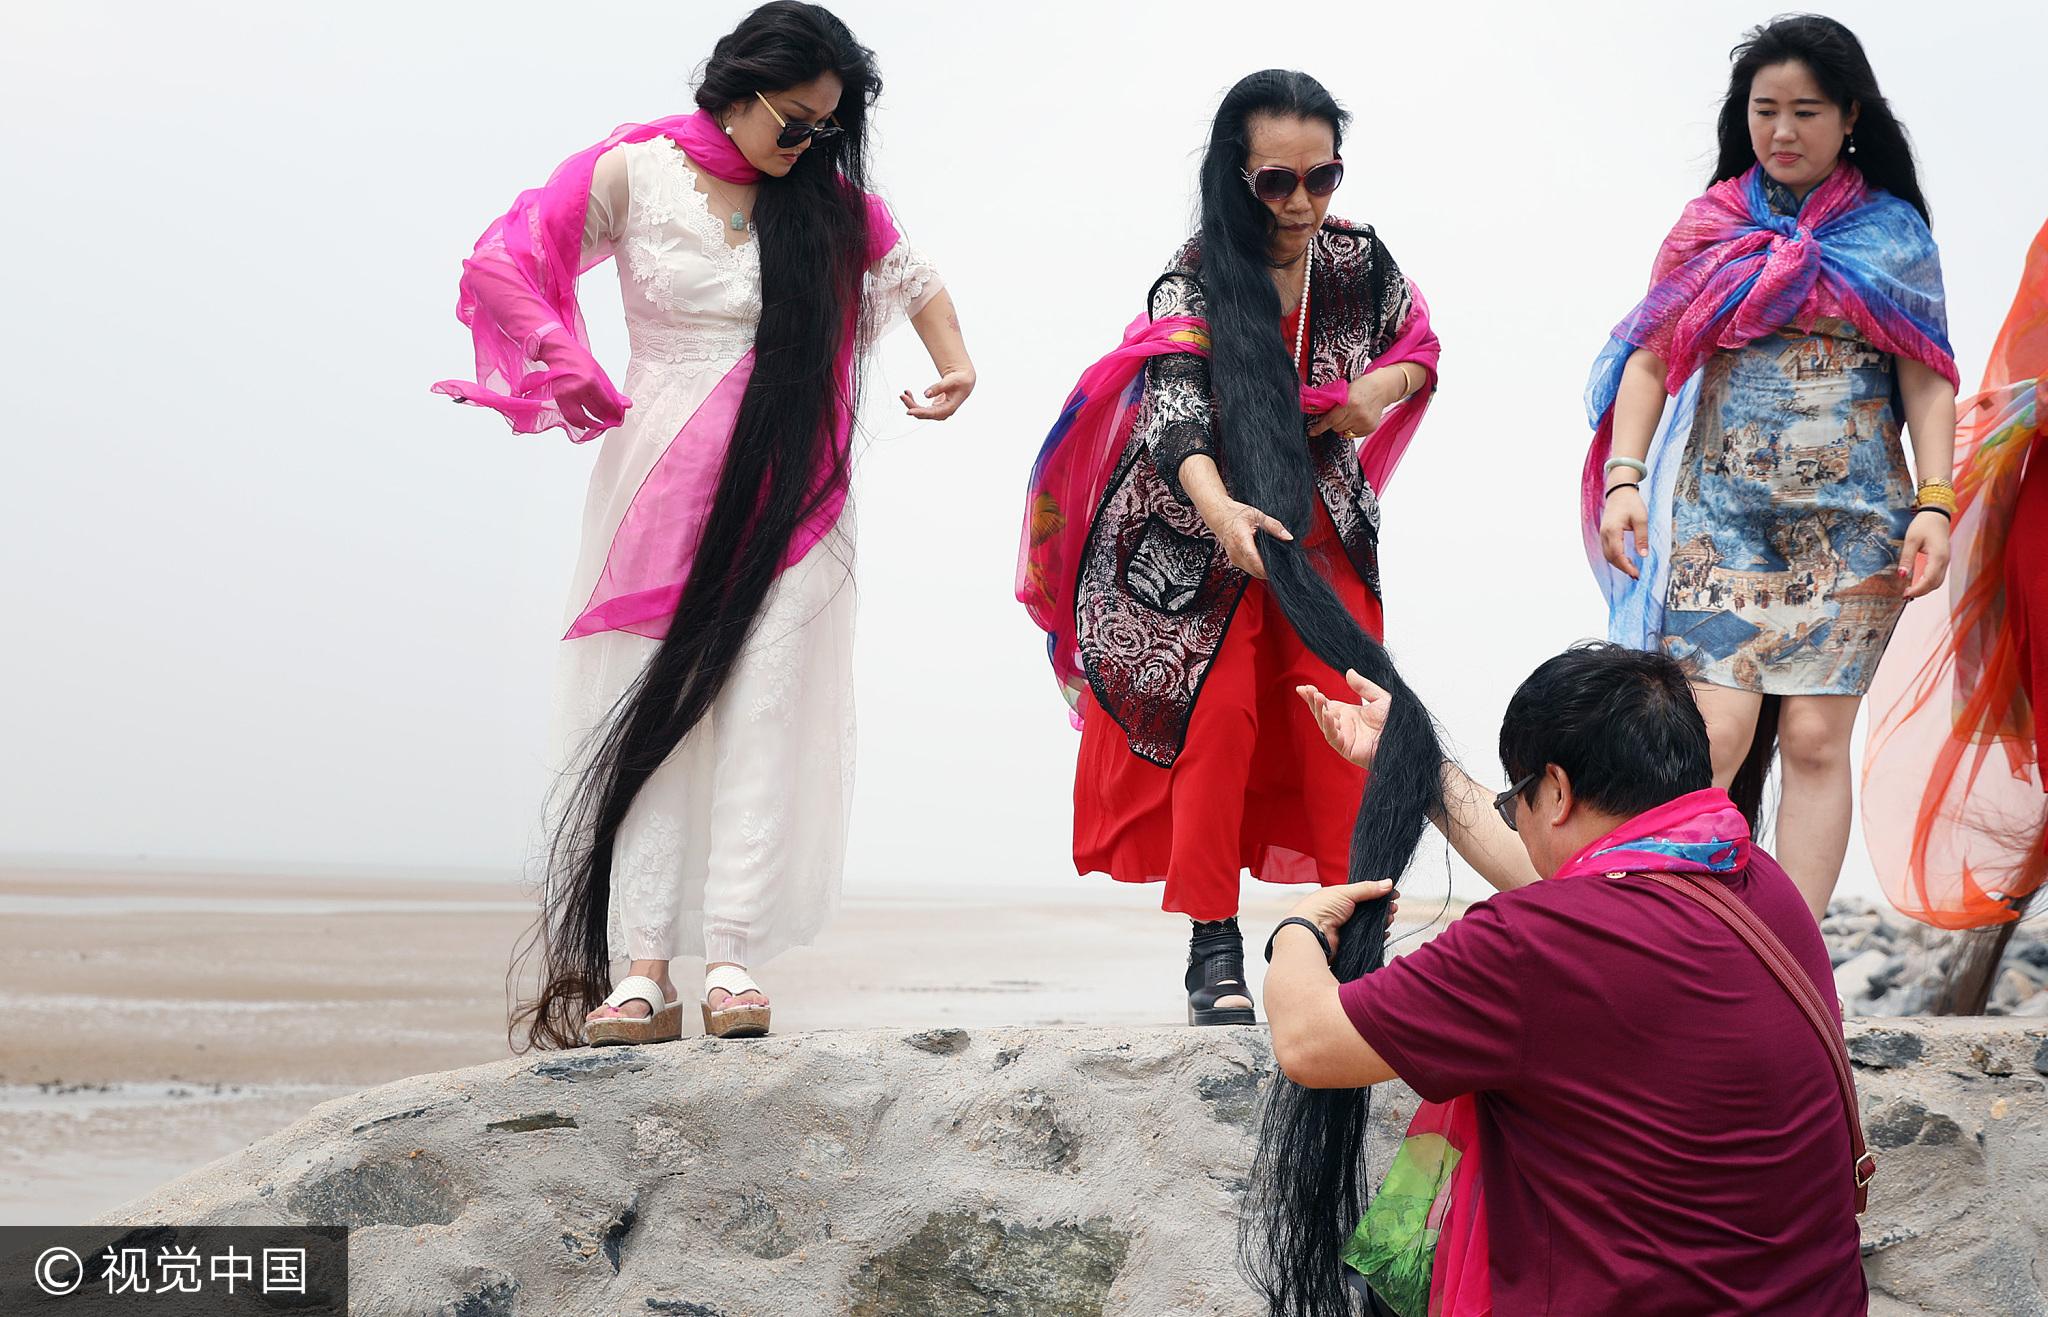 5名长发女齐聚海边 头发总长近5层楼高 - 周公乐 - xinhua8848 的博客